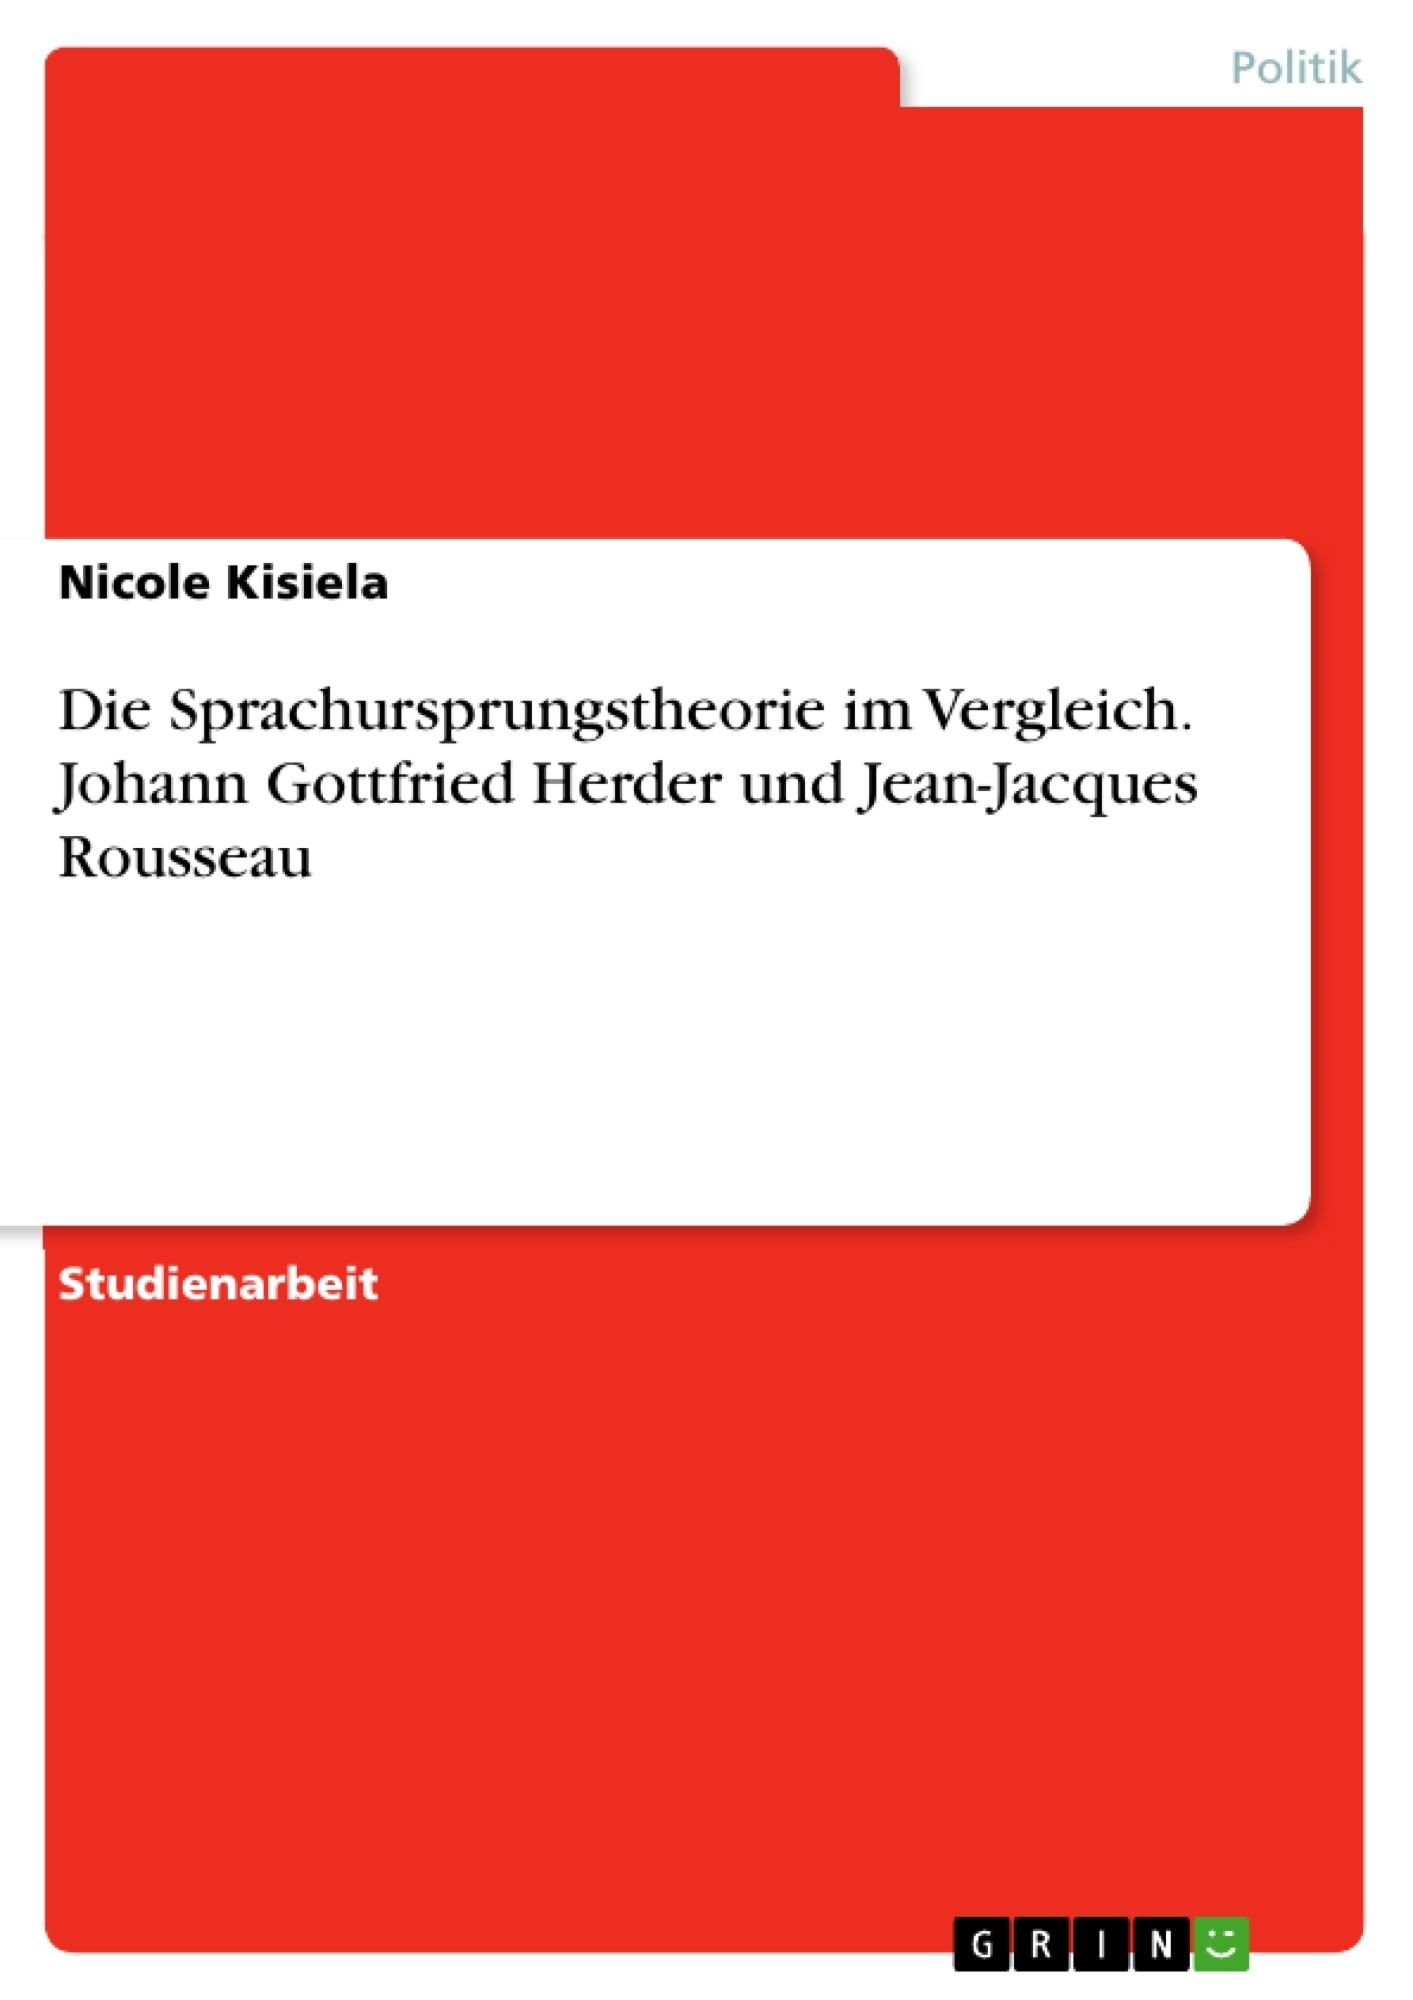 Titel: Die Sprachursprungstheorie im Vergleich. Johann Gottfried Herder und Jean-Jacques Rousseau